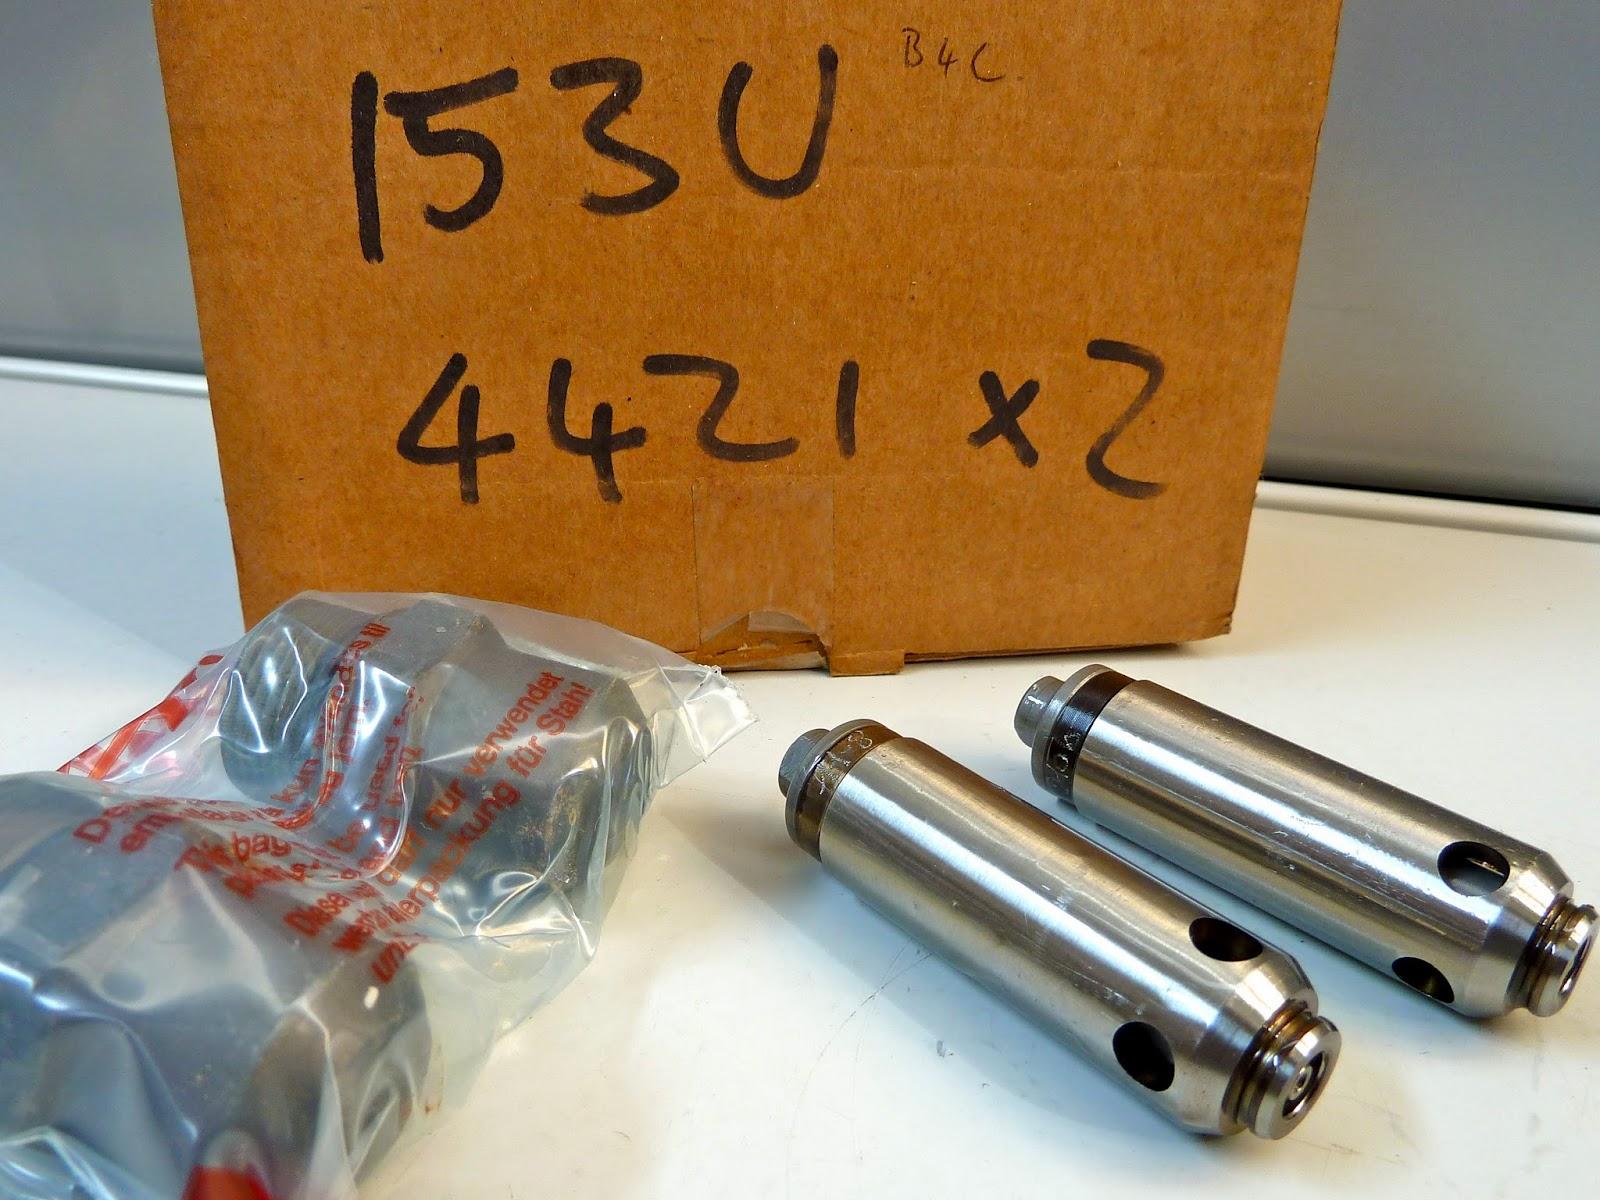 Danfoss 153U4421